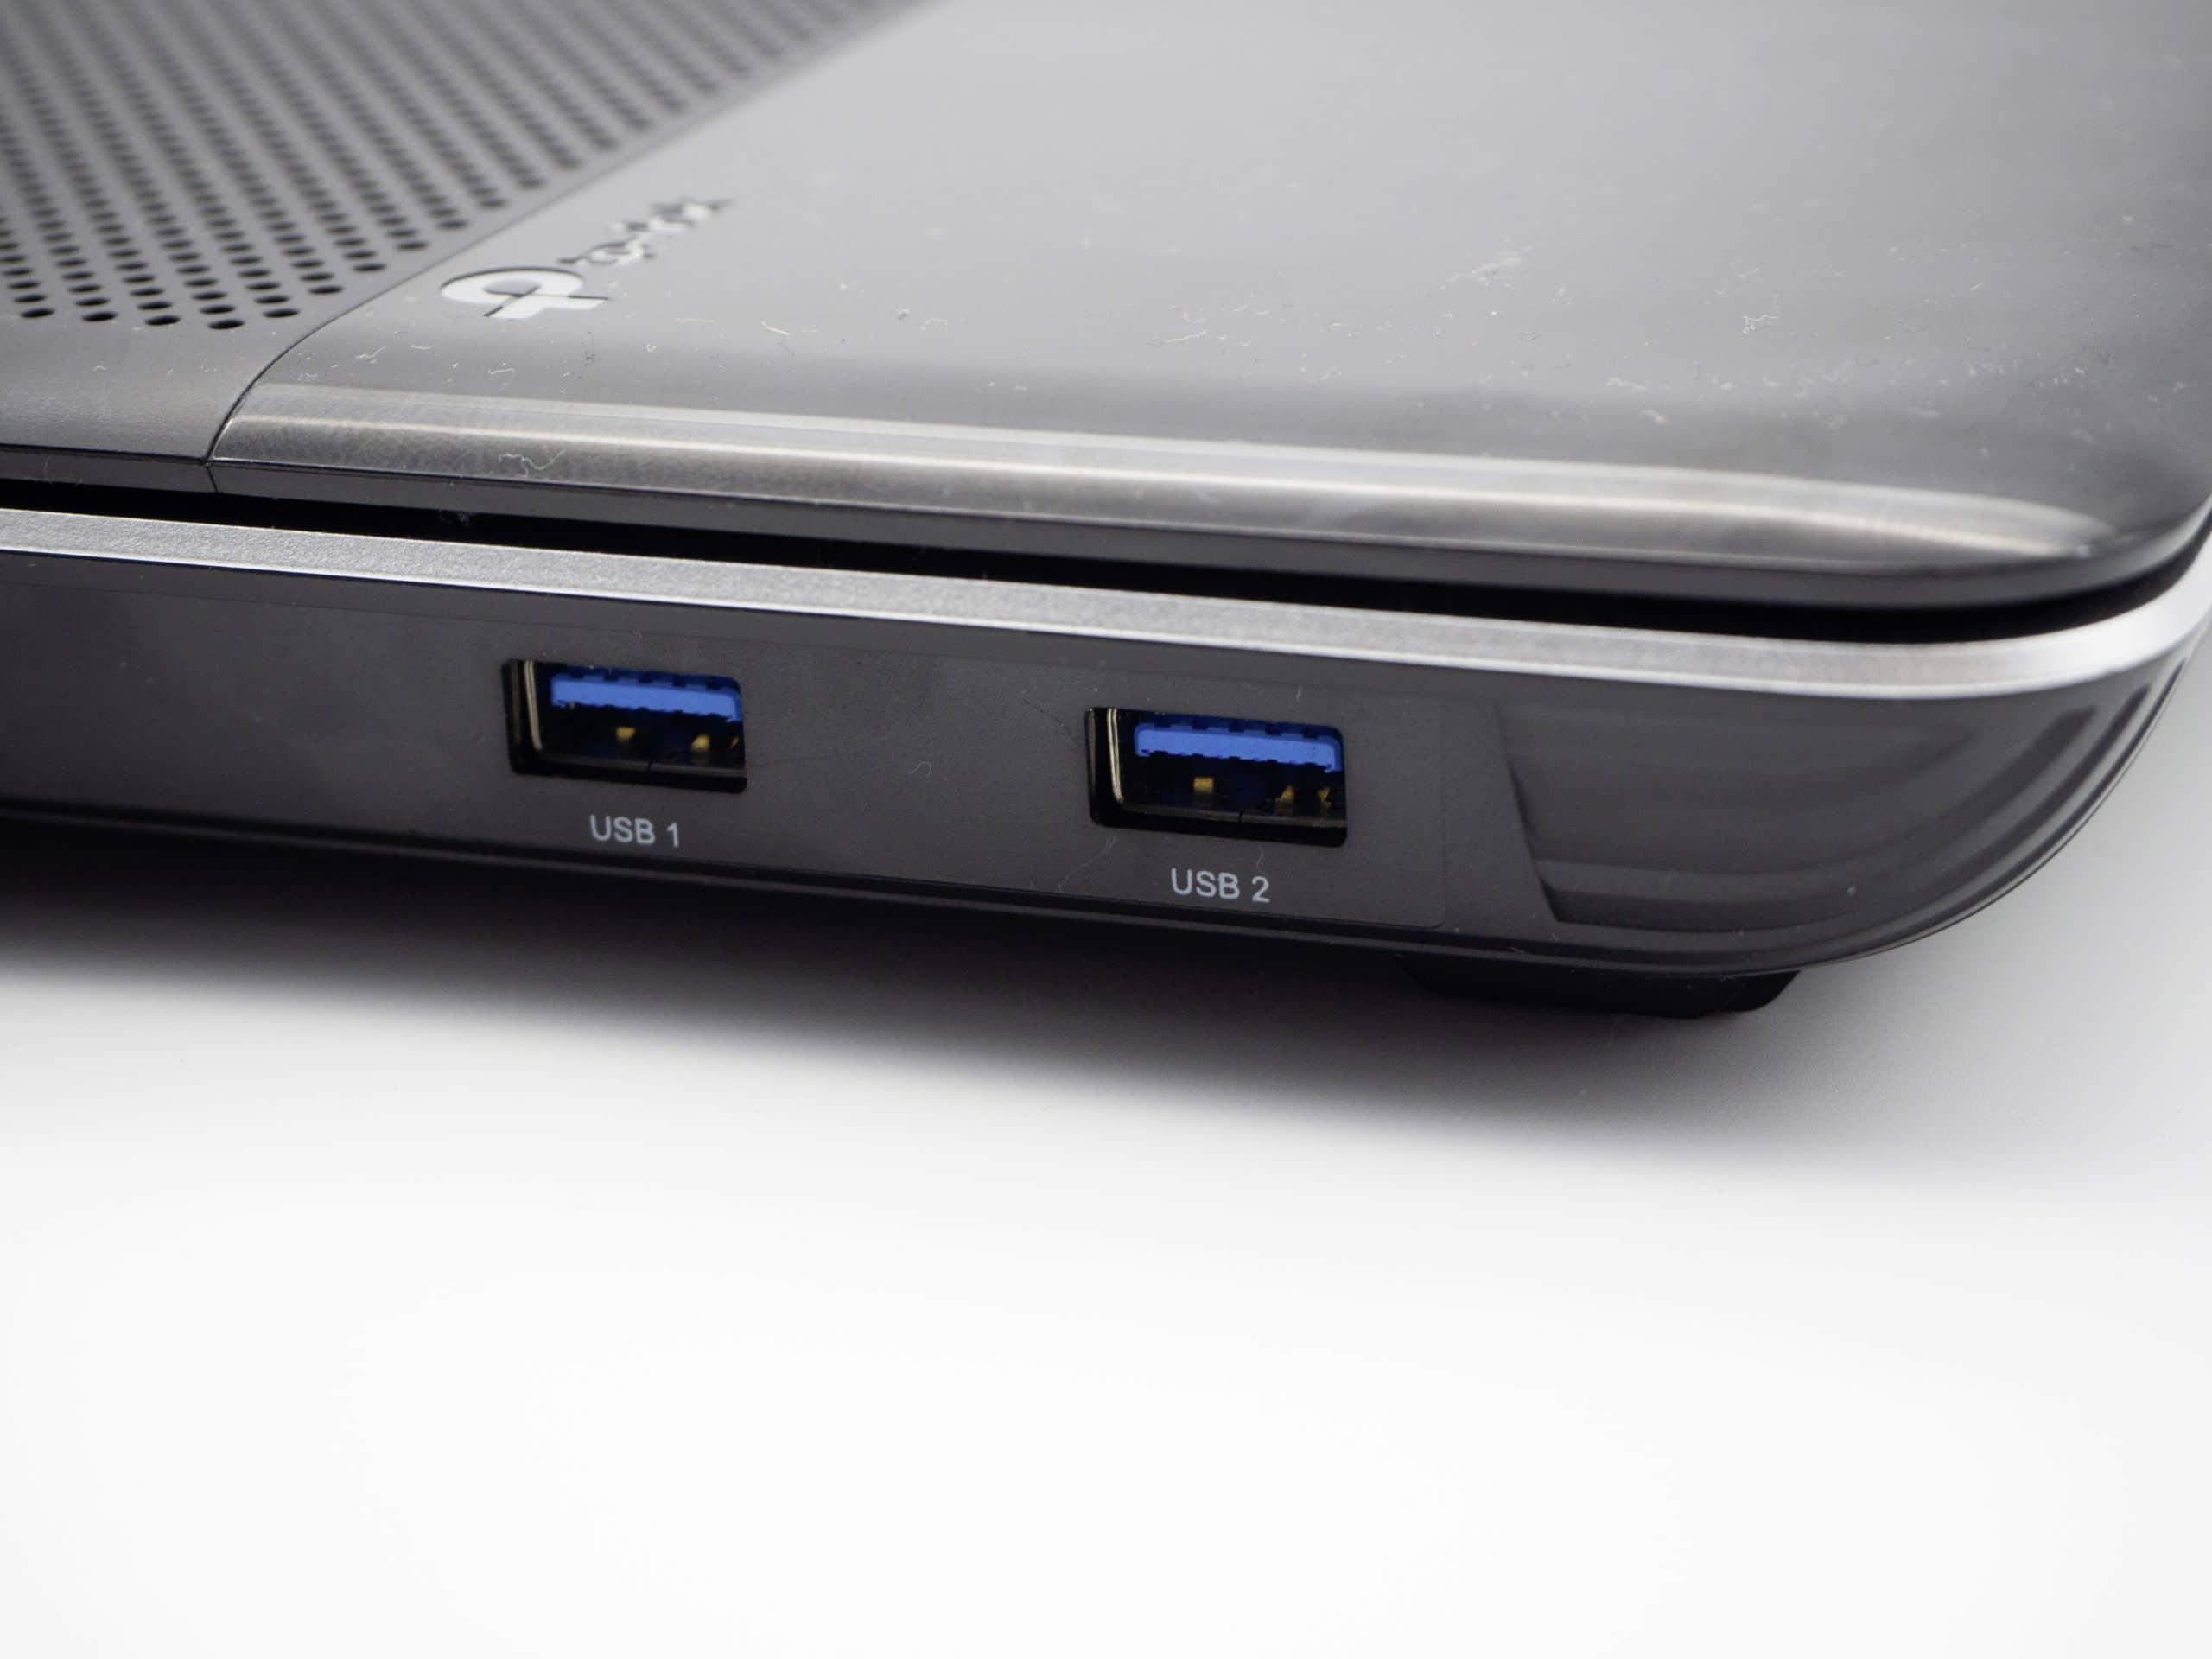 WLAN-Router mit USB-Ports im Test